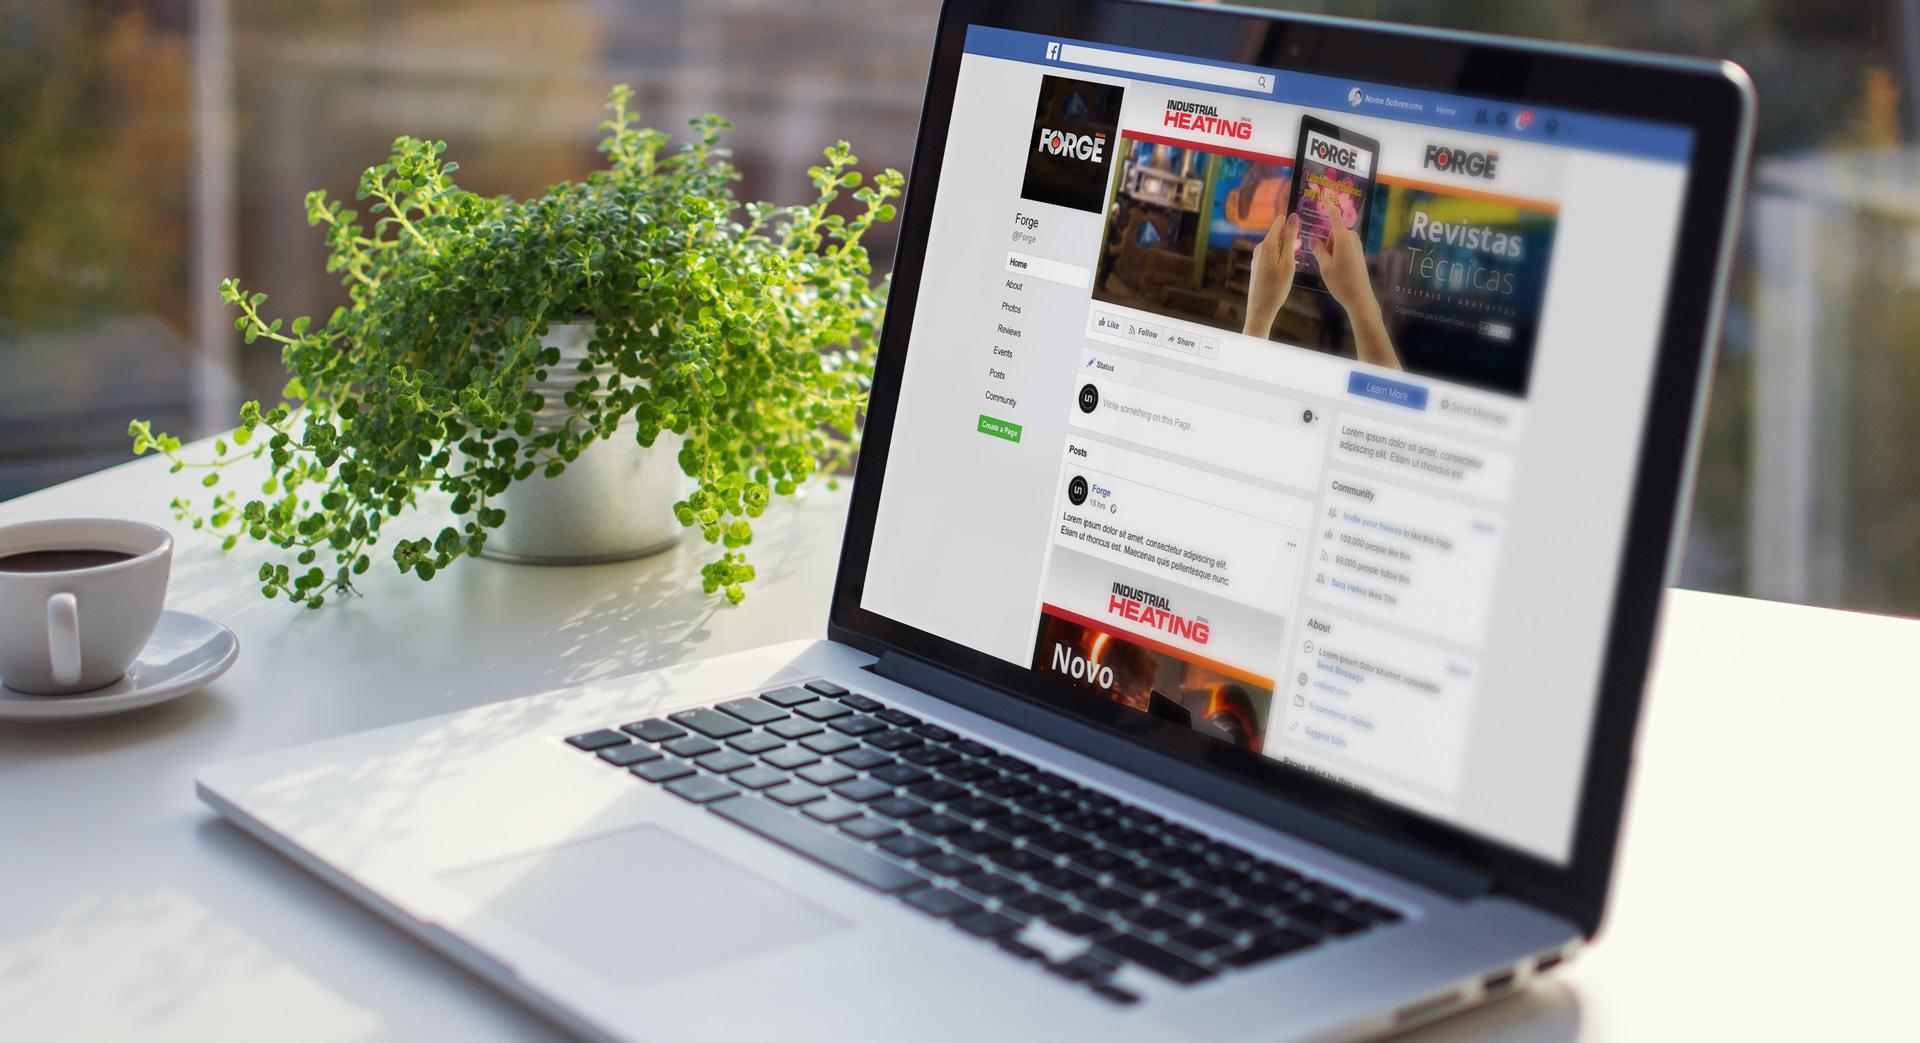 Personalização de redes sociais